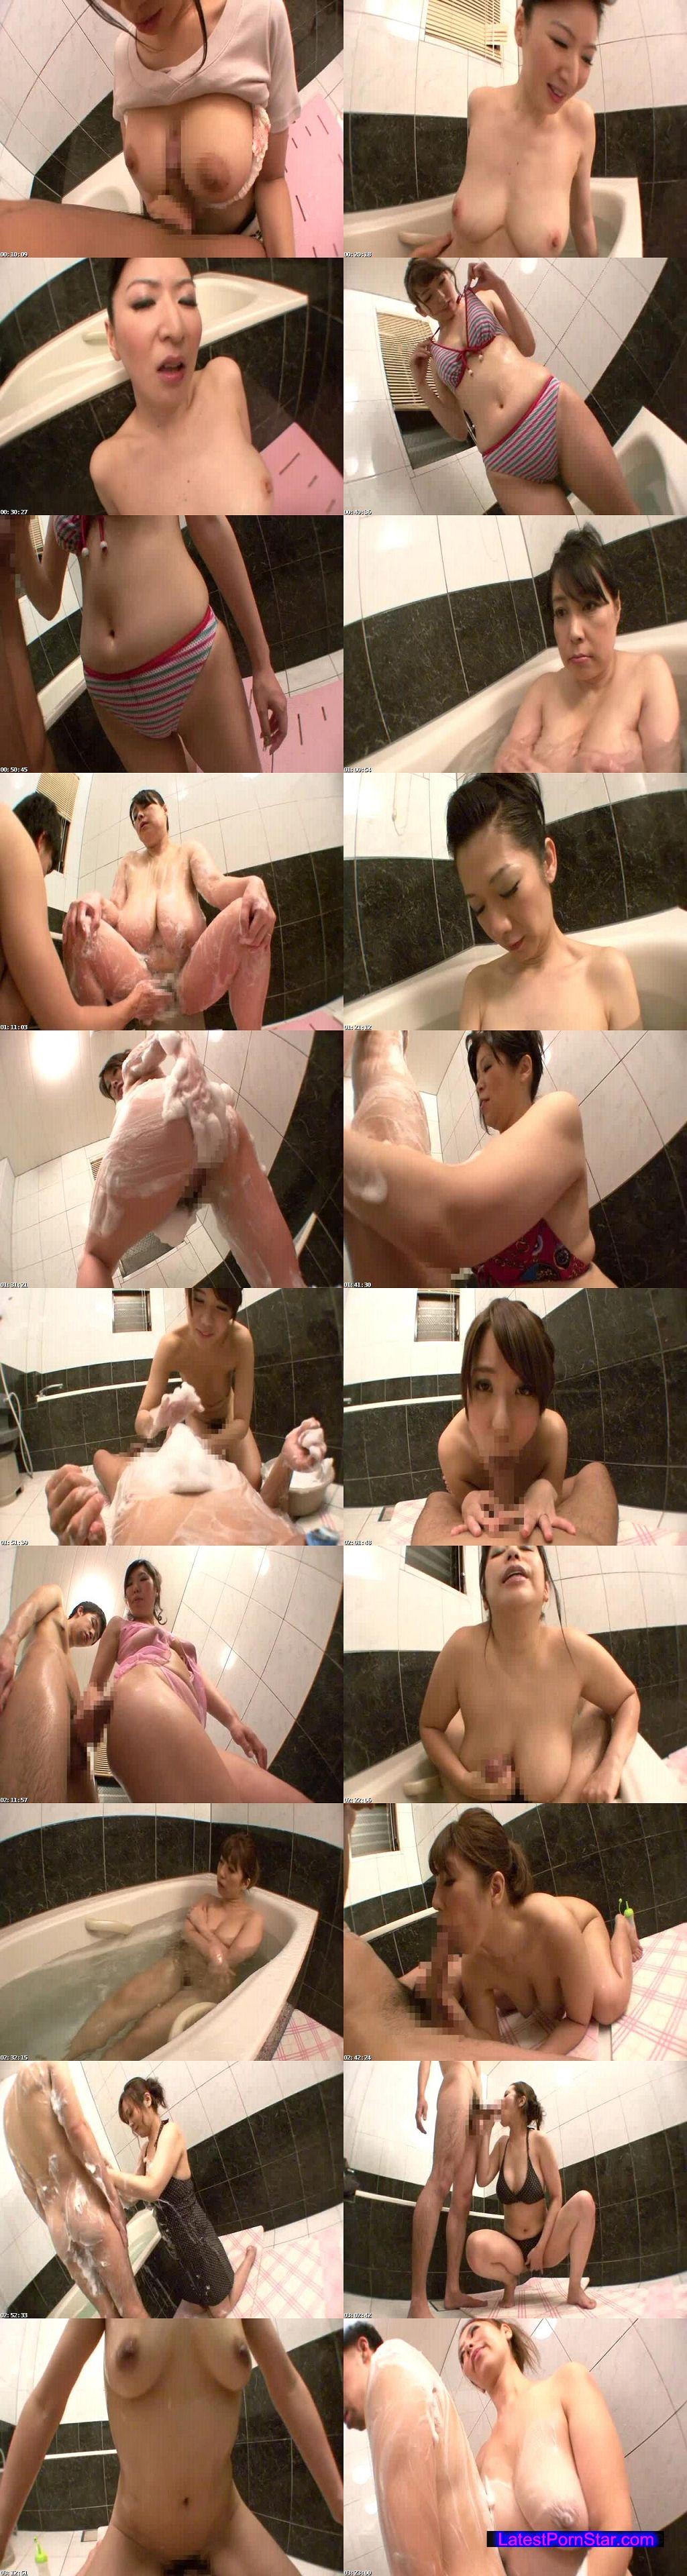 [MOT-079] 巨乳ドスケベ母たちの風呂淫行